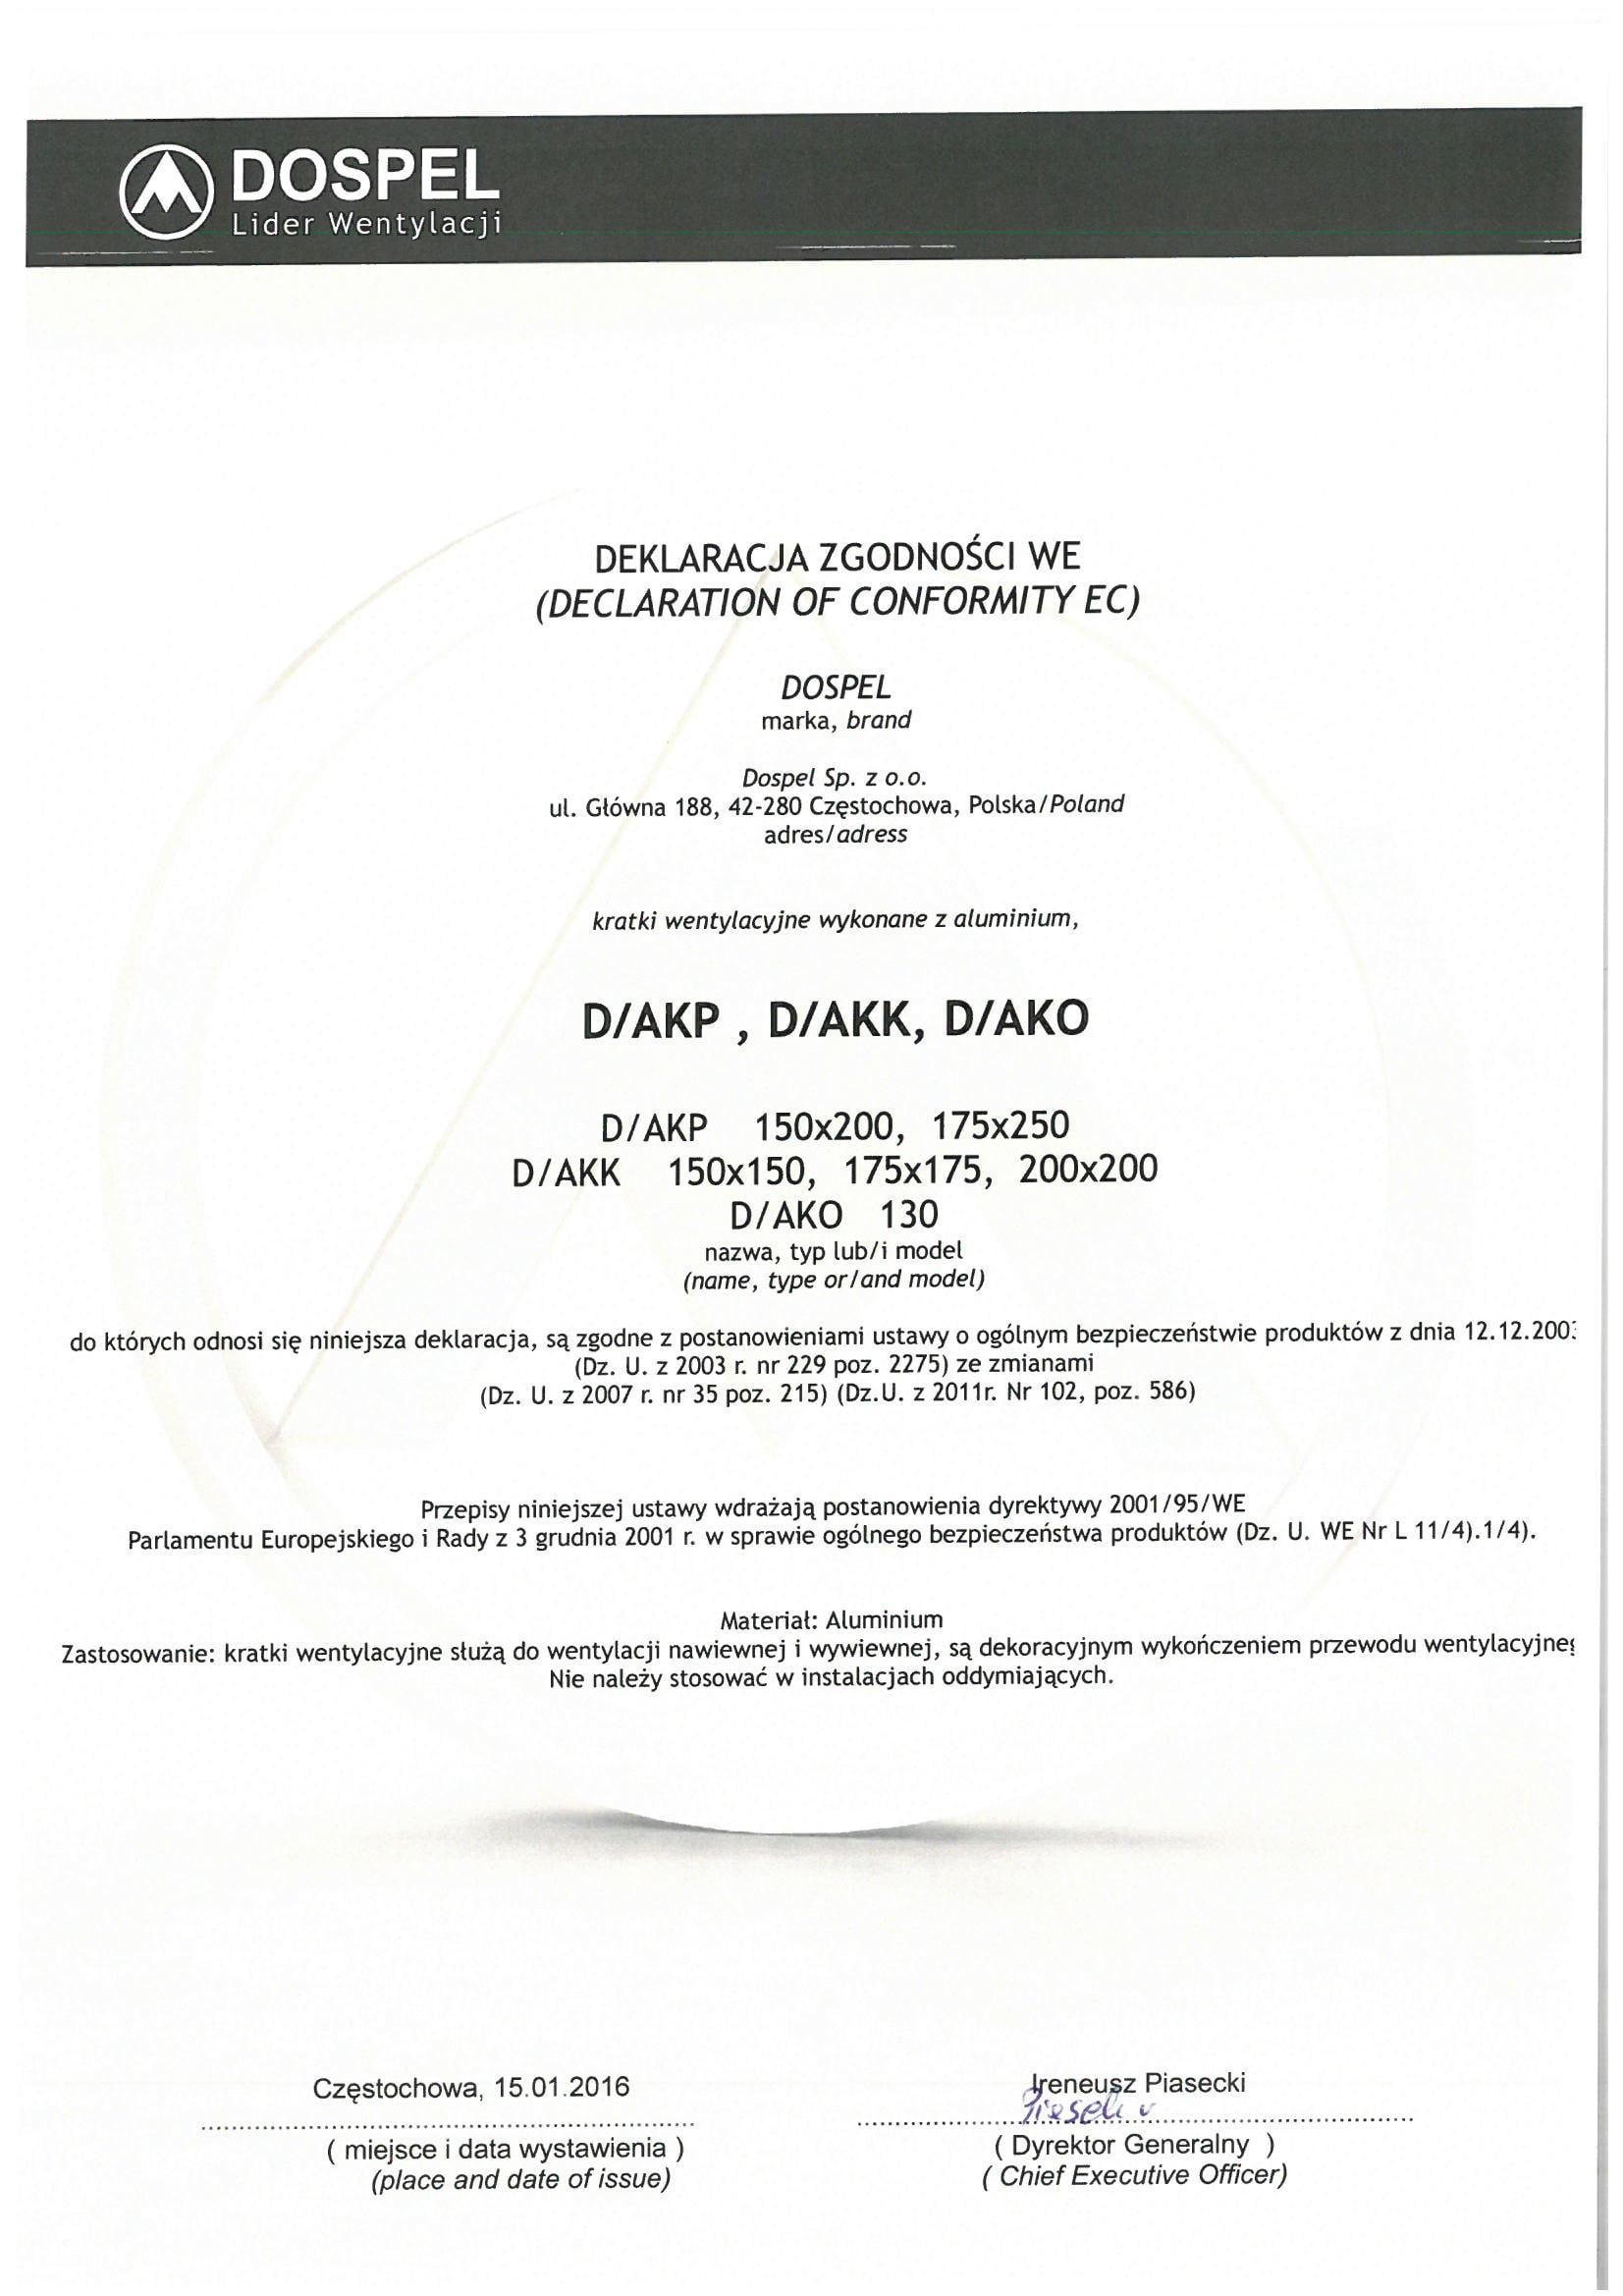 Kratki wentylacyjne aluminiowe D/AKP D/AKK D/AKO, certyfikat, deklaracja zgodności, producent wentylatorów, Dospel